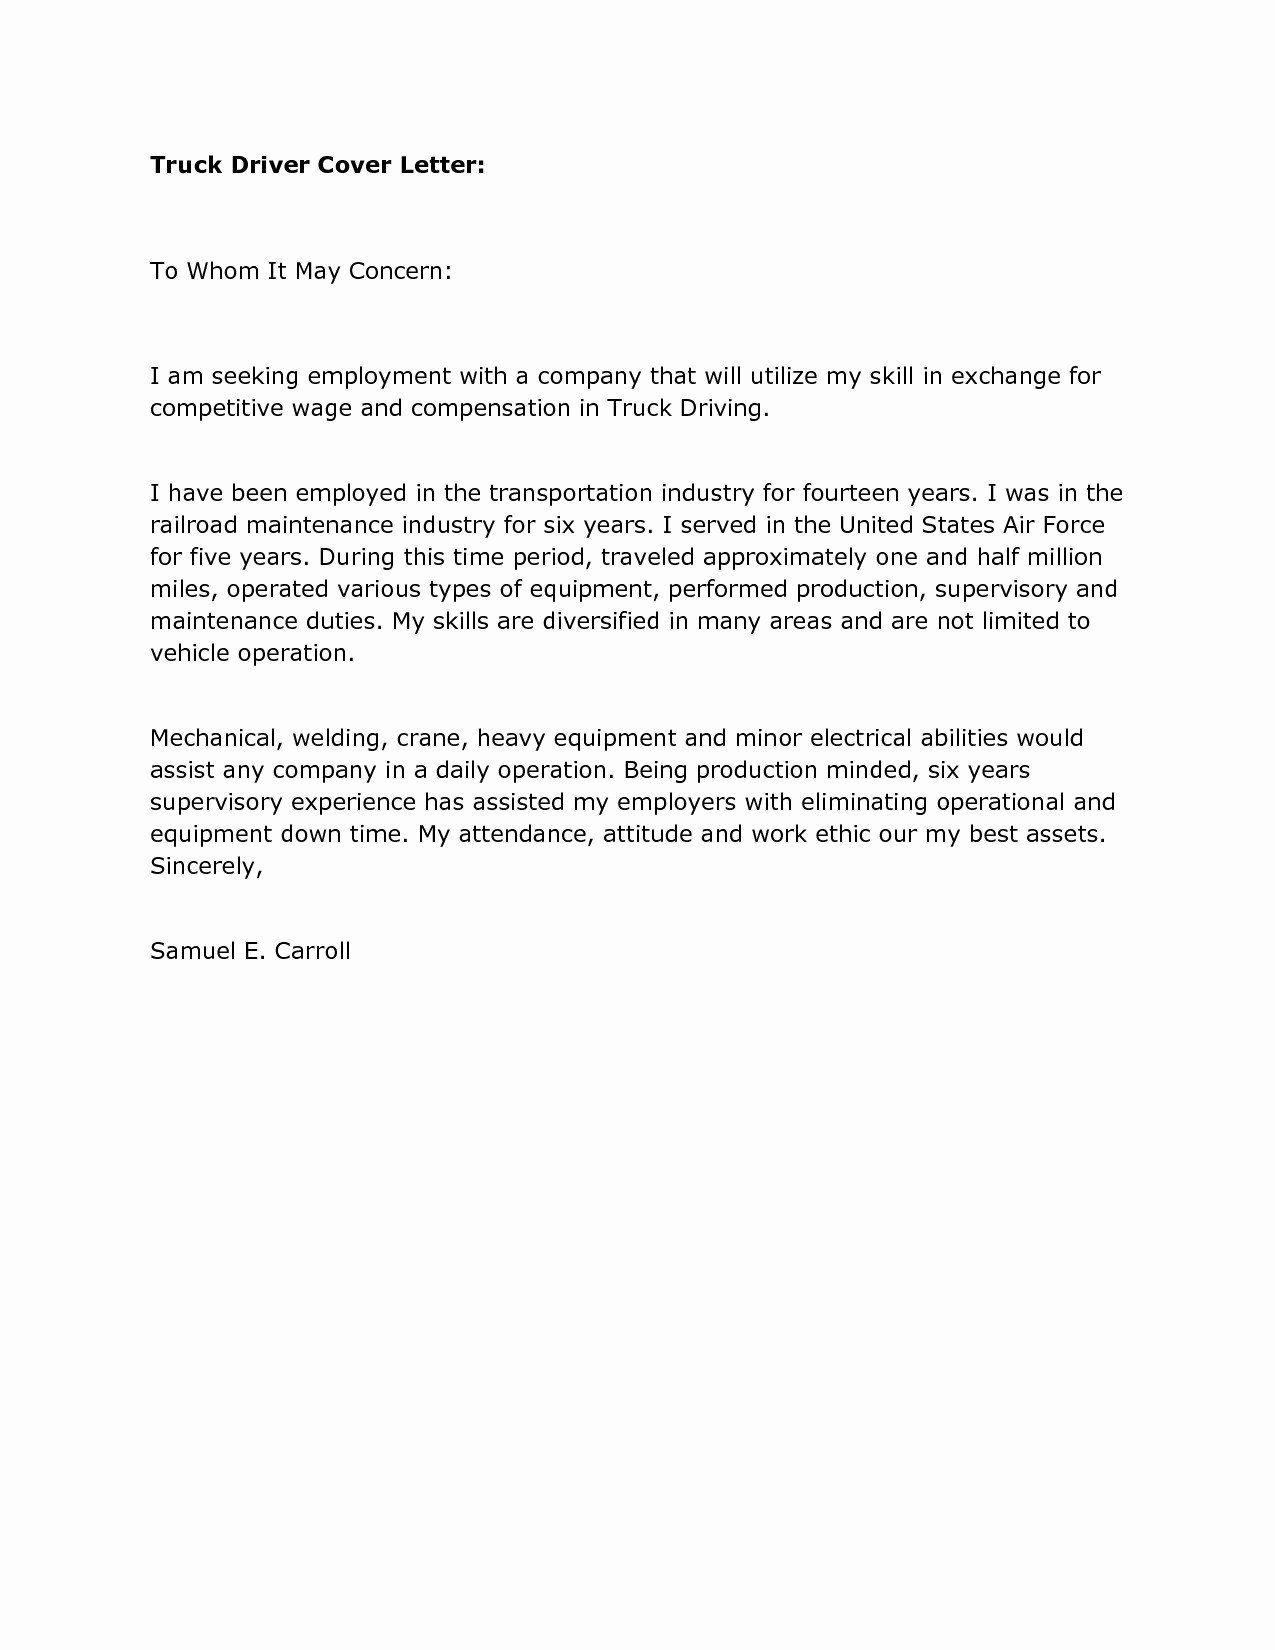 Truck Driver Resume Pdf Fresh Shuttle Driver Cover Letter